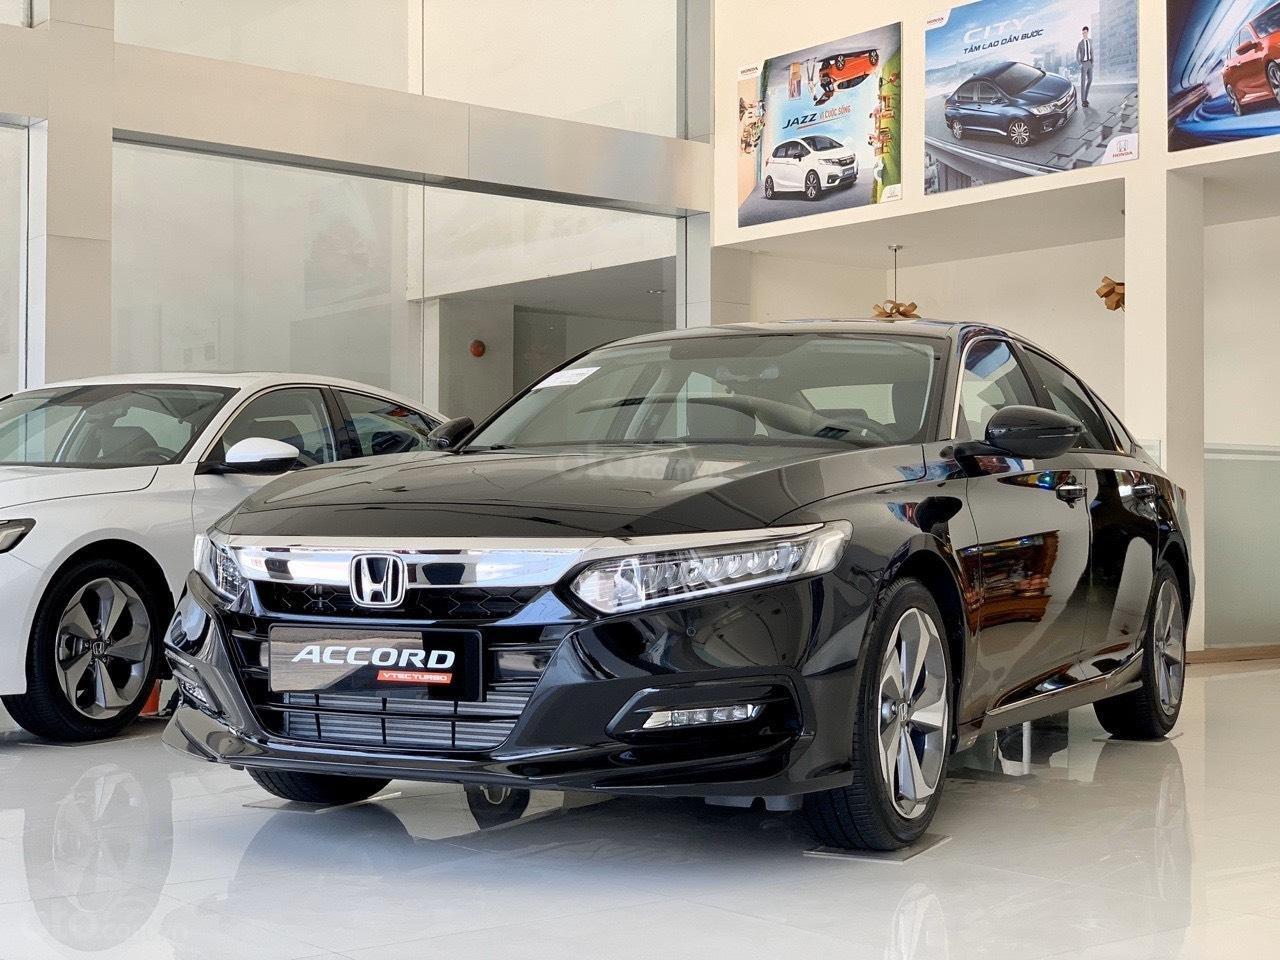 [Đại lý chính hãng - Honda ô tô Khánh Hòa] Honda Accord 2020 (Mới 100%), ưu đãi và quà tặng hấp dẫn (1)